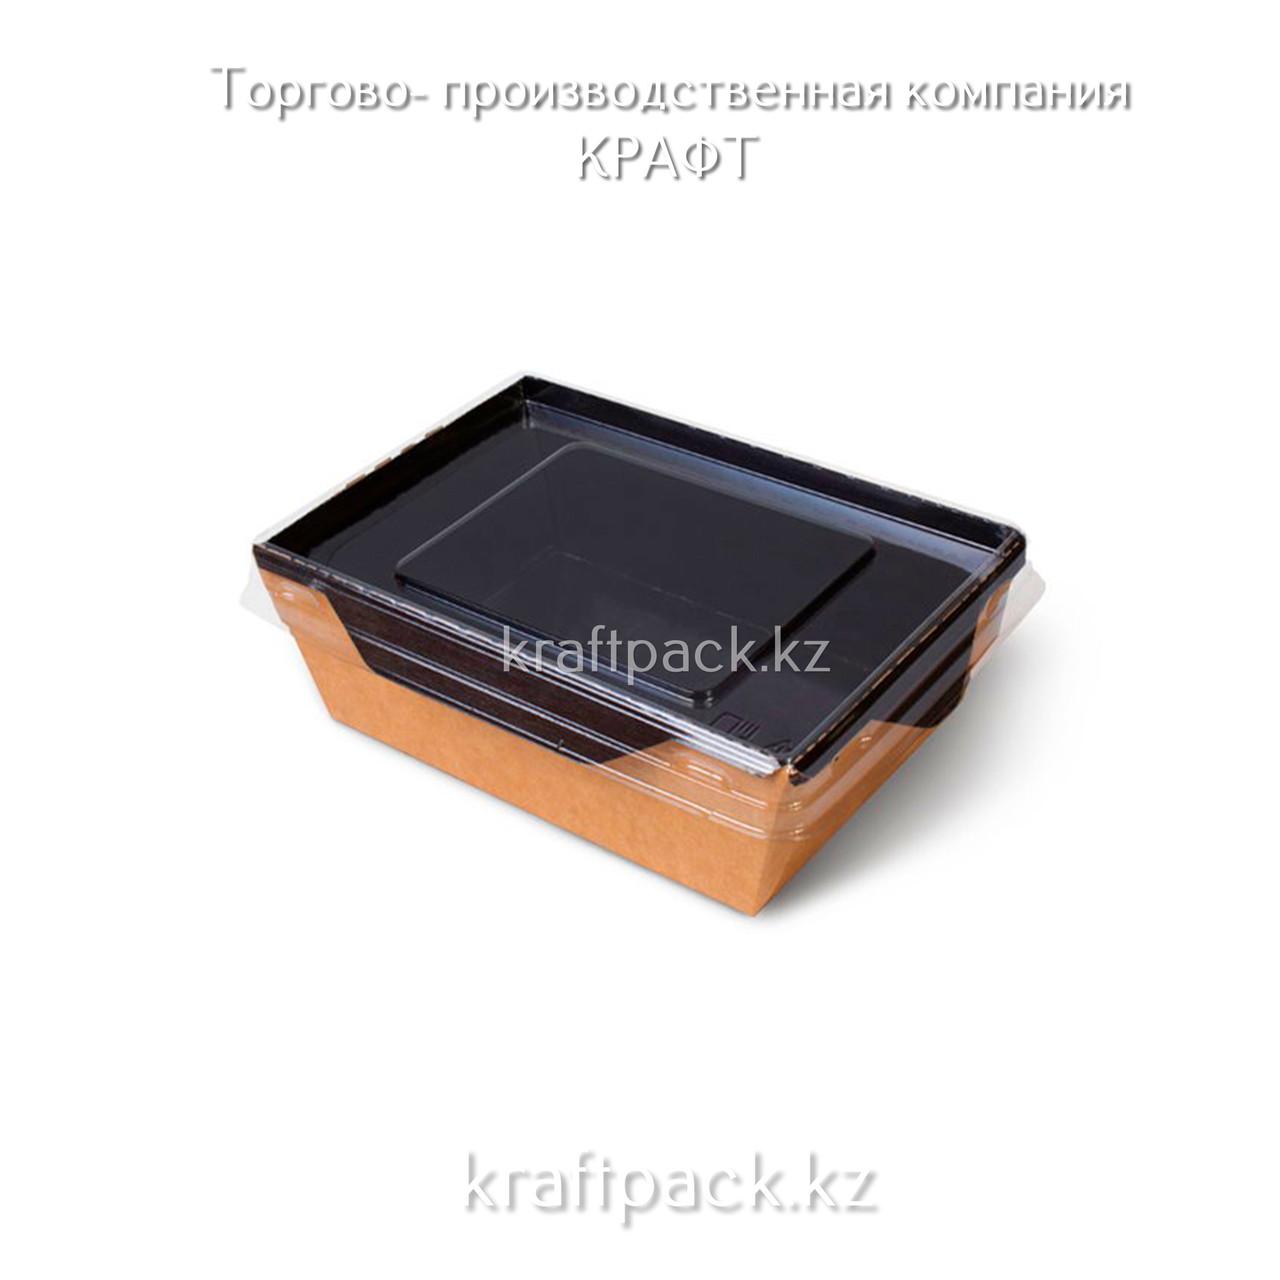 Контейнер, салатник с прозрачной крышкой  Black Edition 450мл 125*75*55 DoEco (50/400)